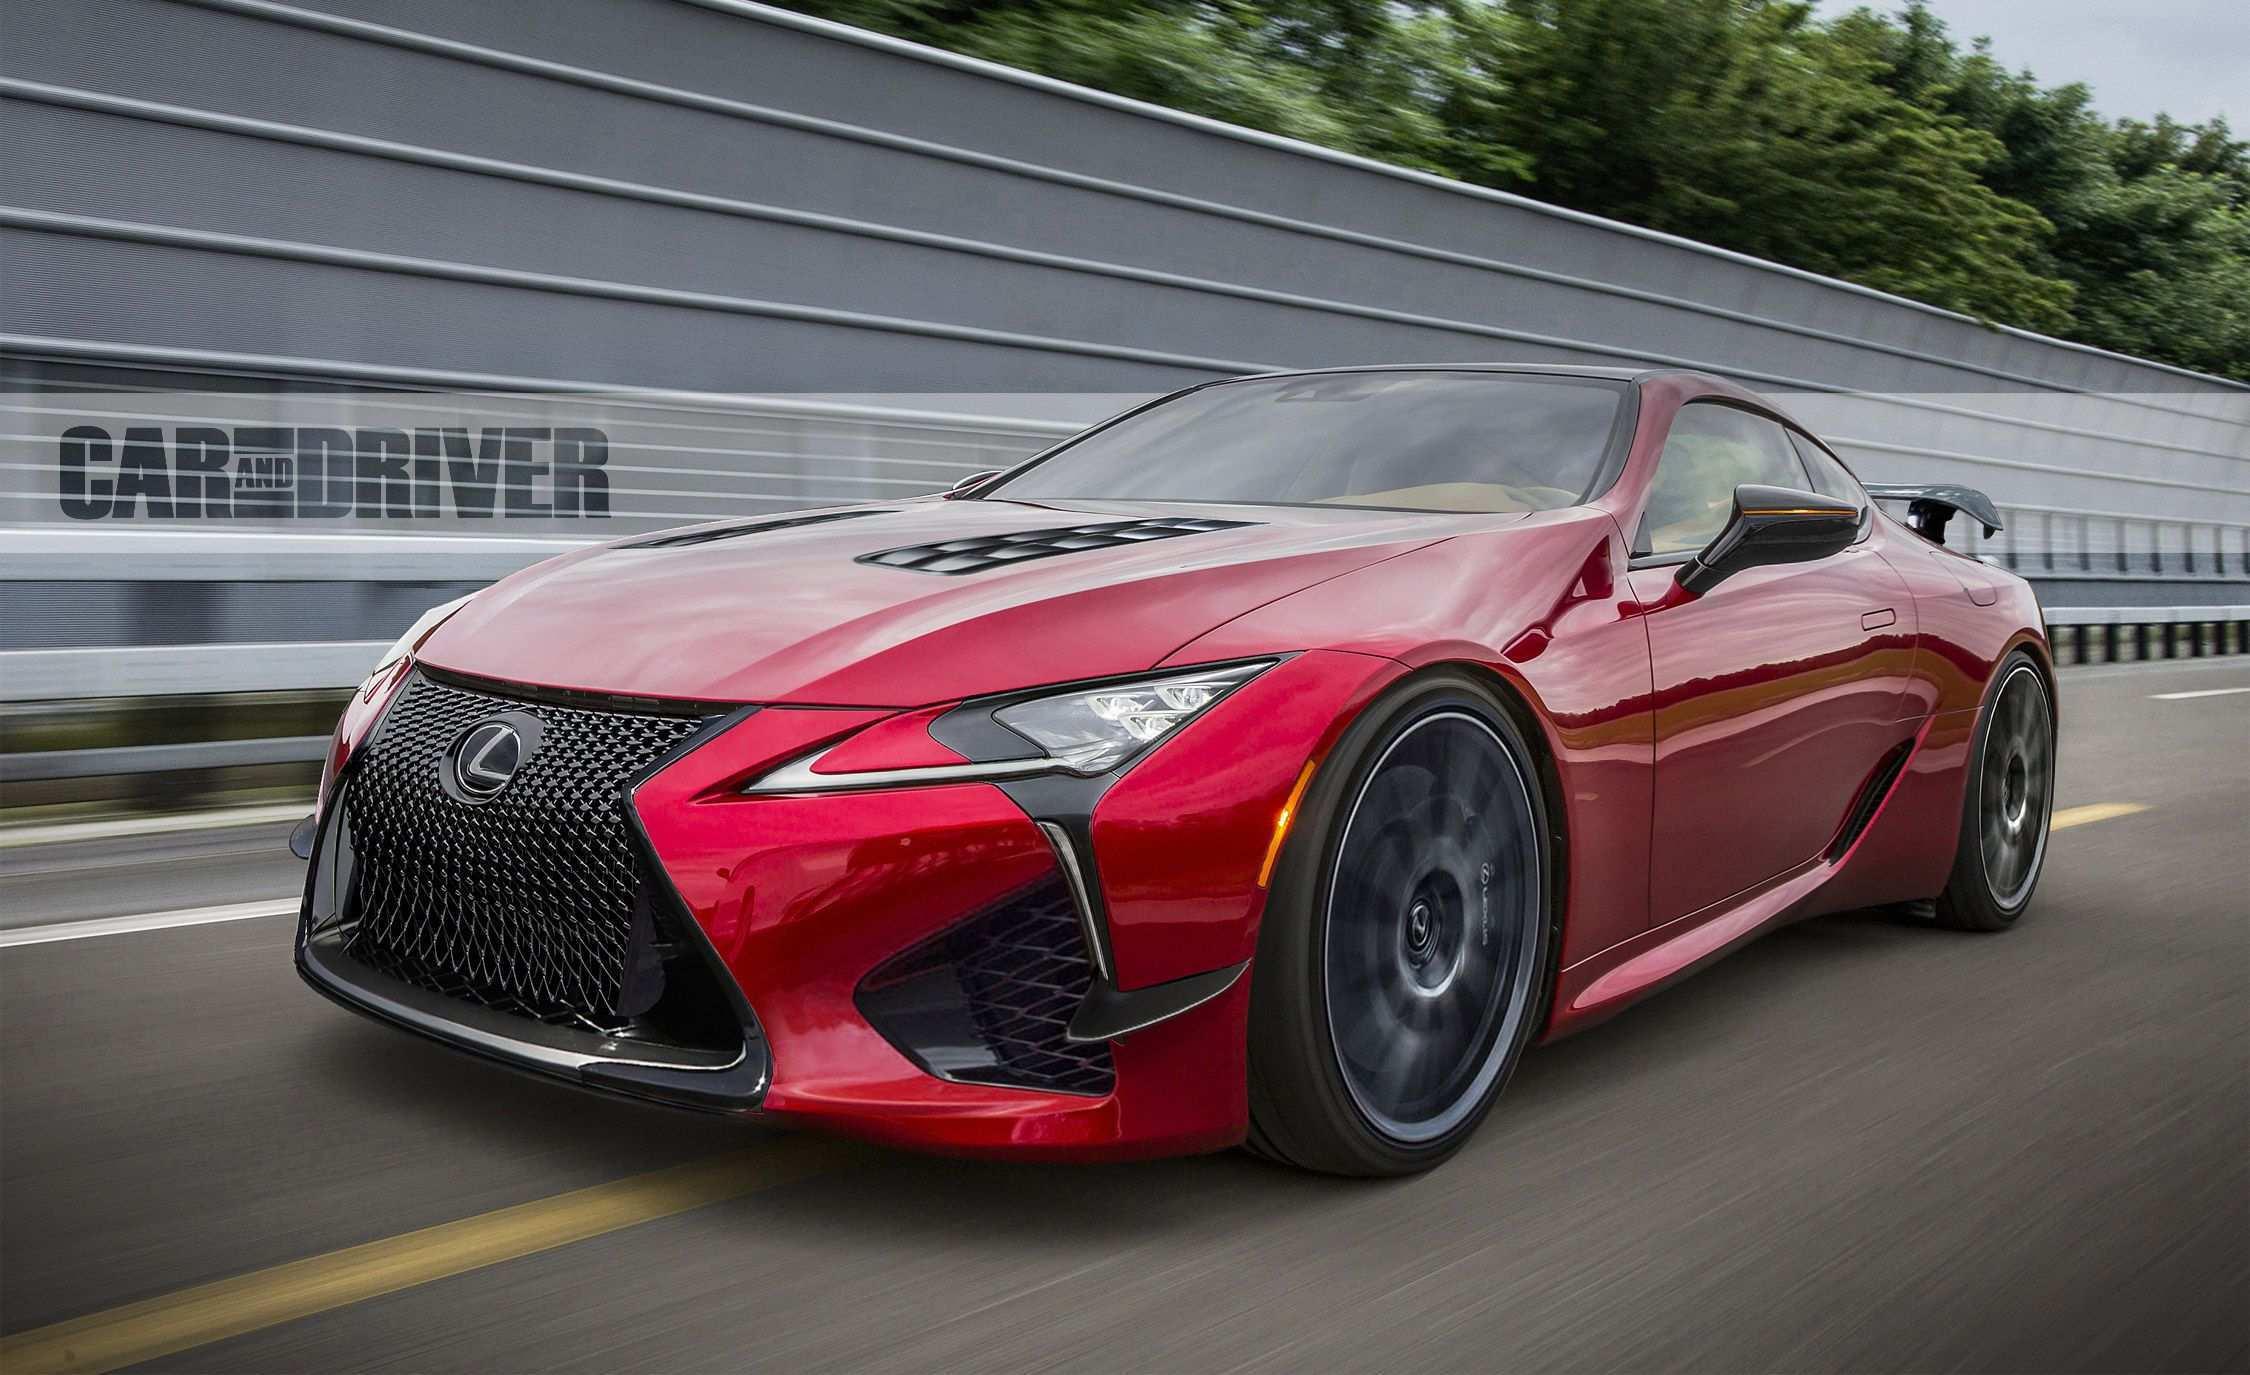 31 New 2020 Lexus Lc F Price by 2020 Lexus Lc F